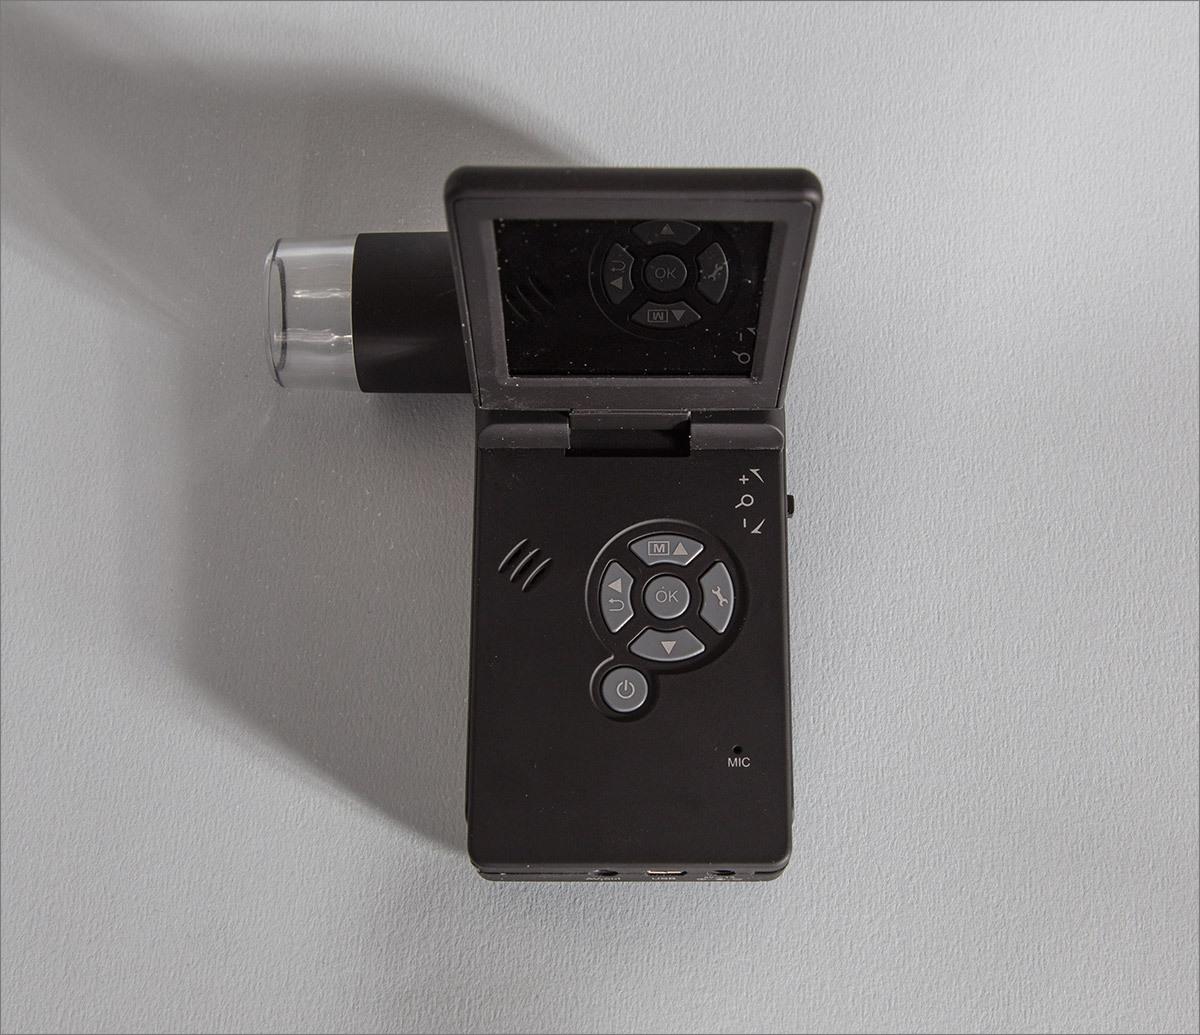 Портативный микроскоп на службе у гика - 21